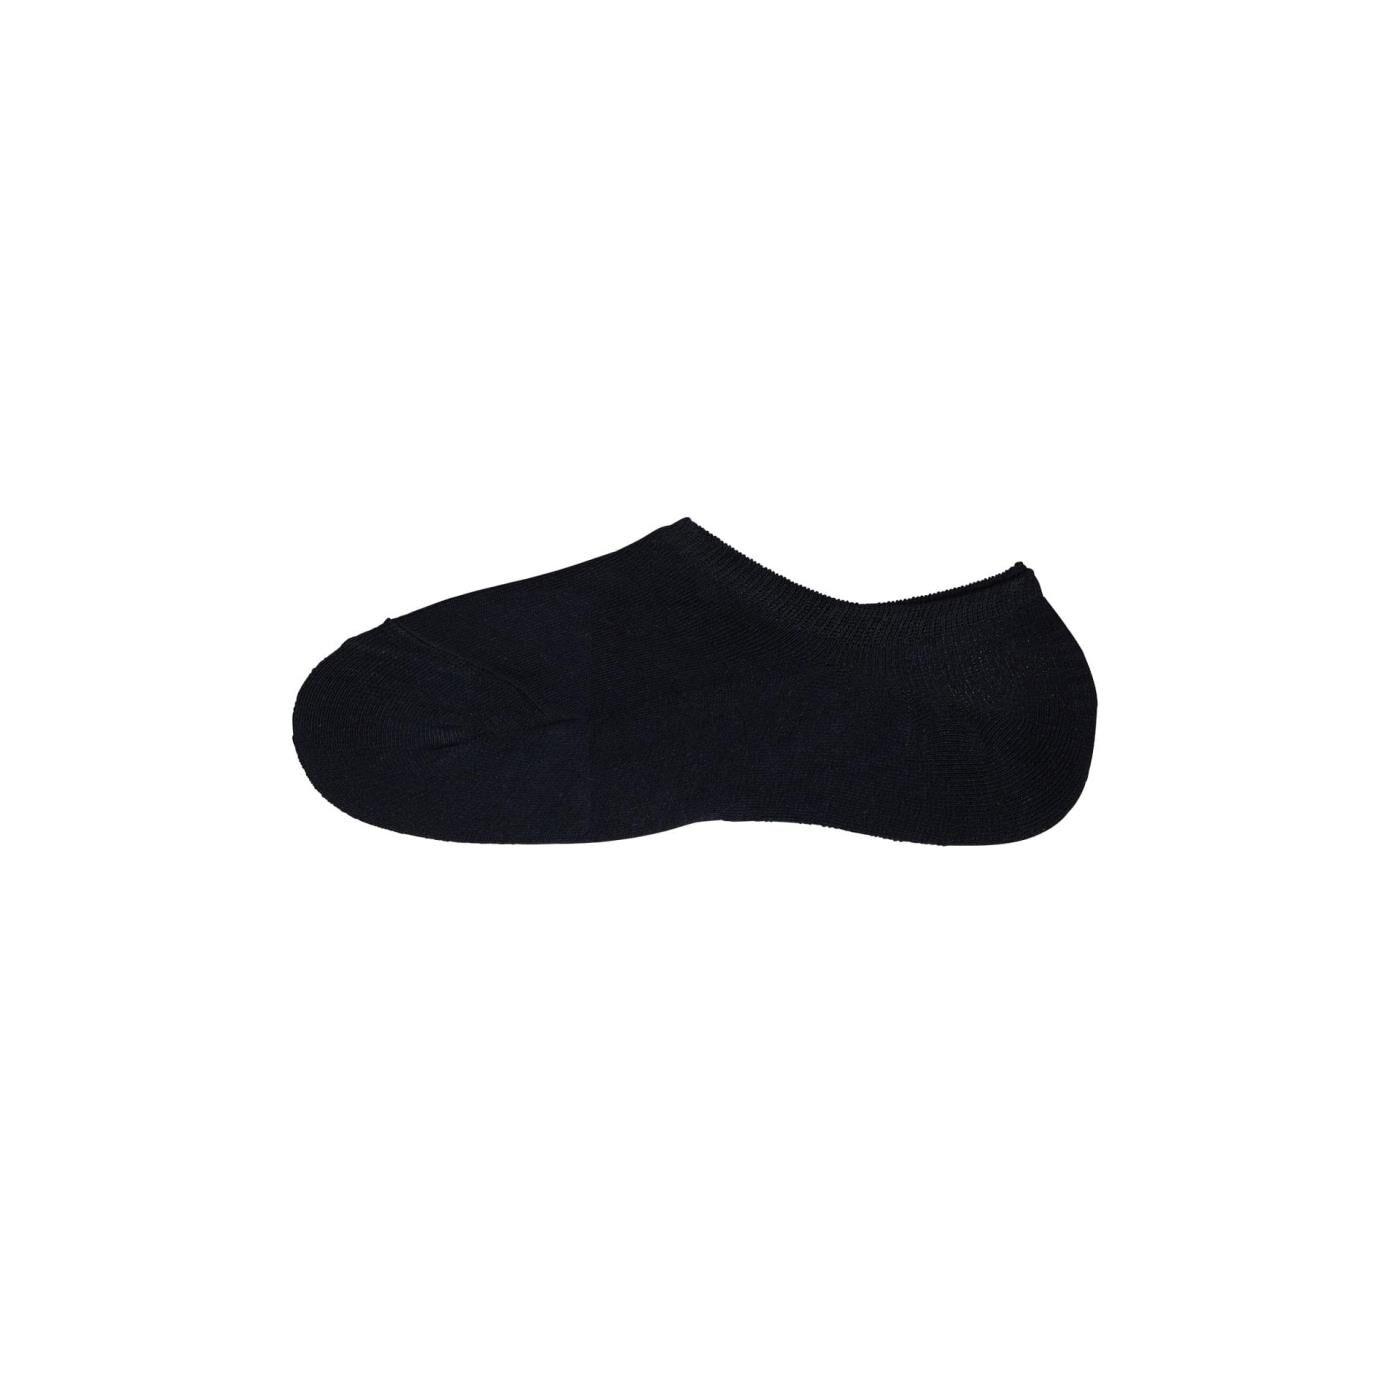 Celestino Aνδρικές κάλτσες με βαμβάκι  - Σκουρο μπλε - Grootte: One Size